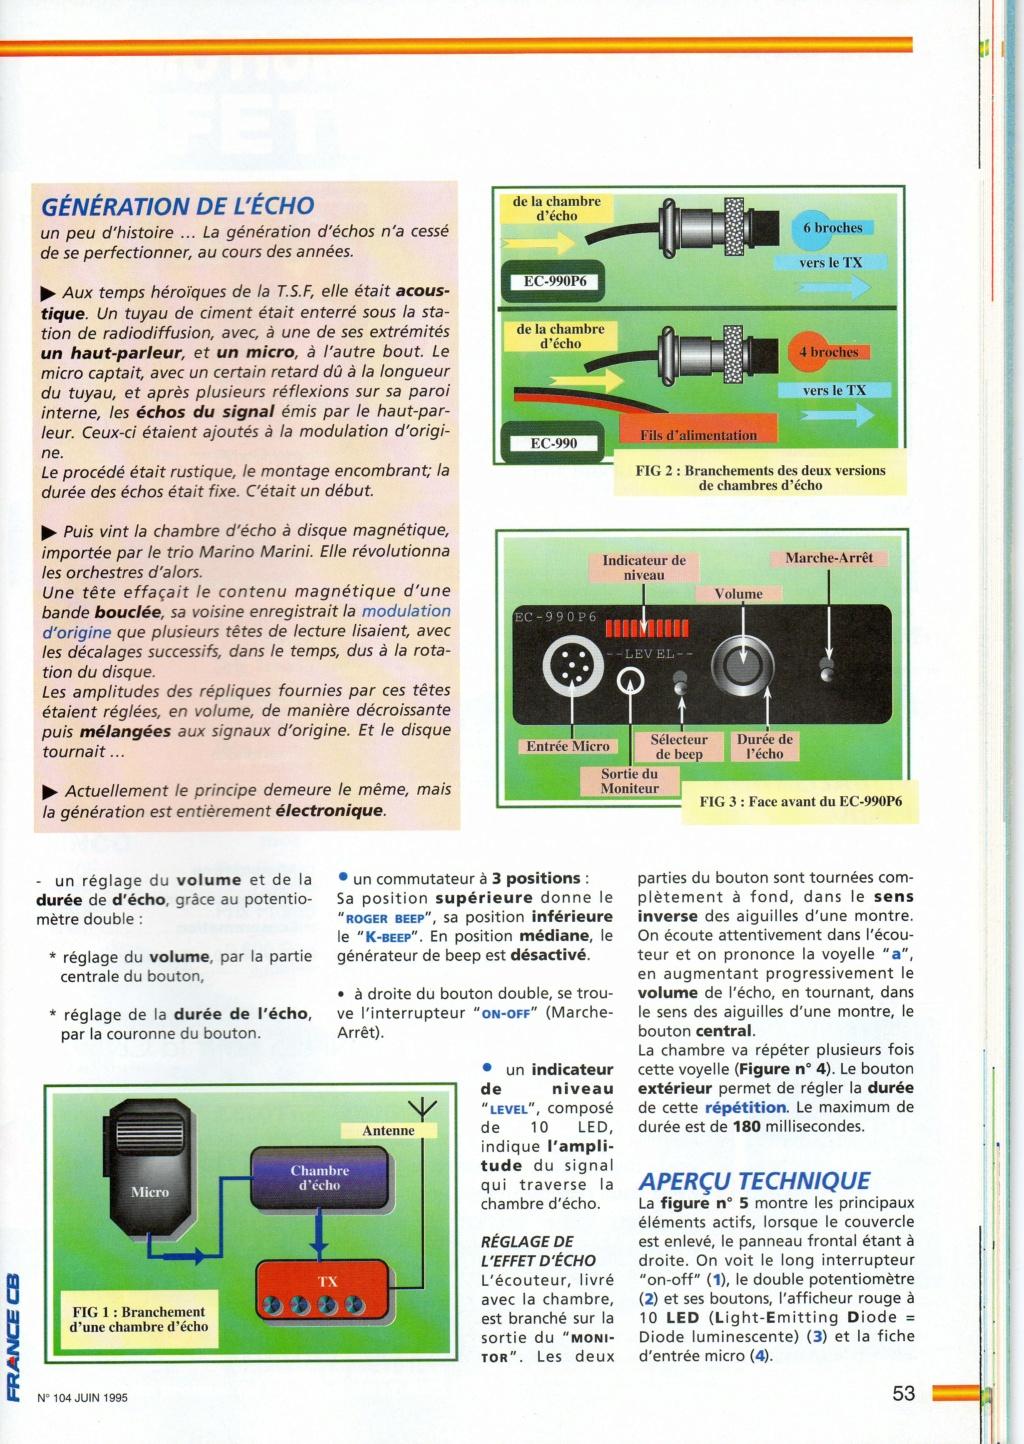 EuroCB EC-990P - EC-990 (Chambre d'écho) Chora605